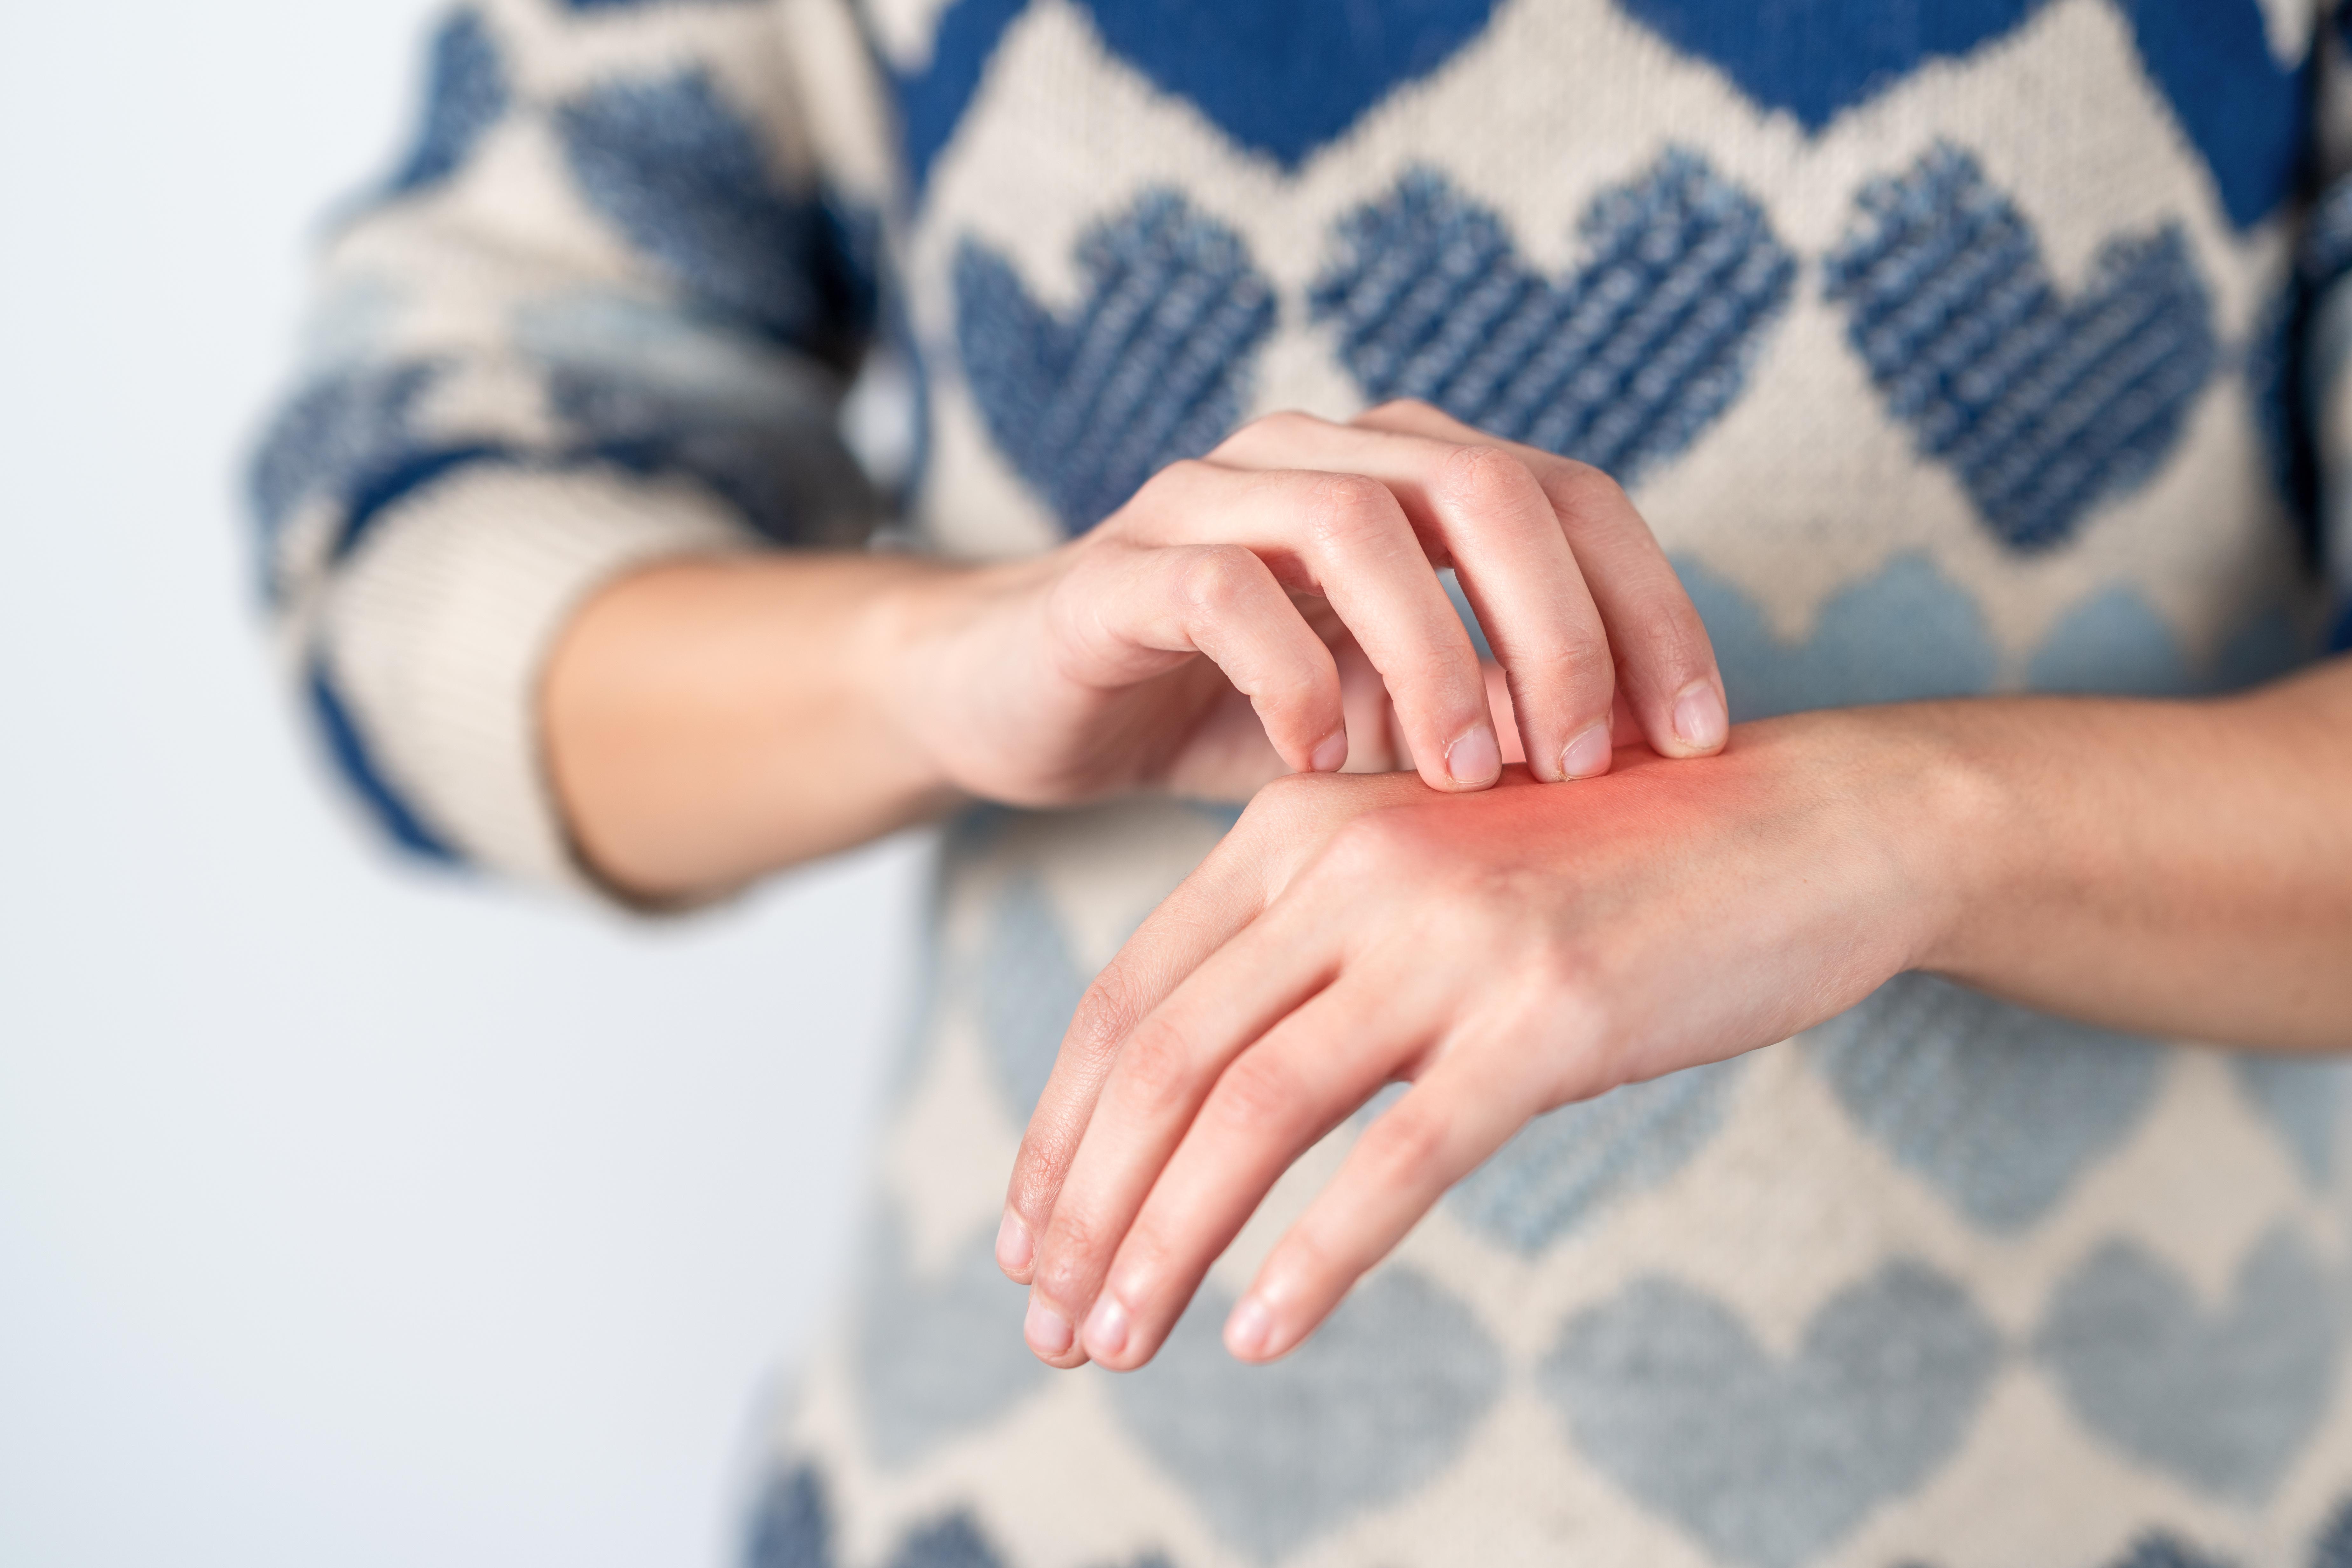 legyengült fekély az ujjak között